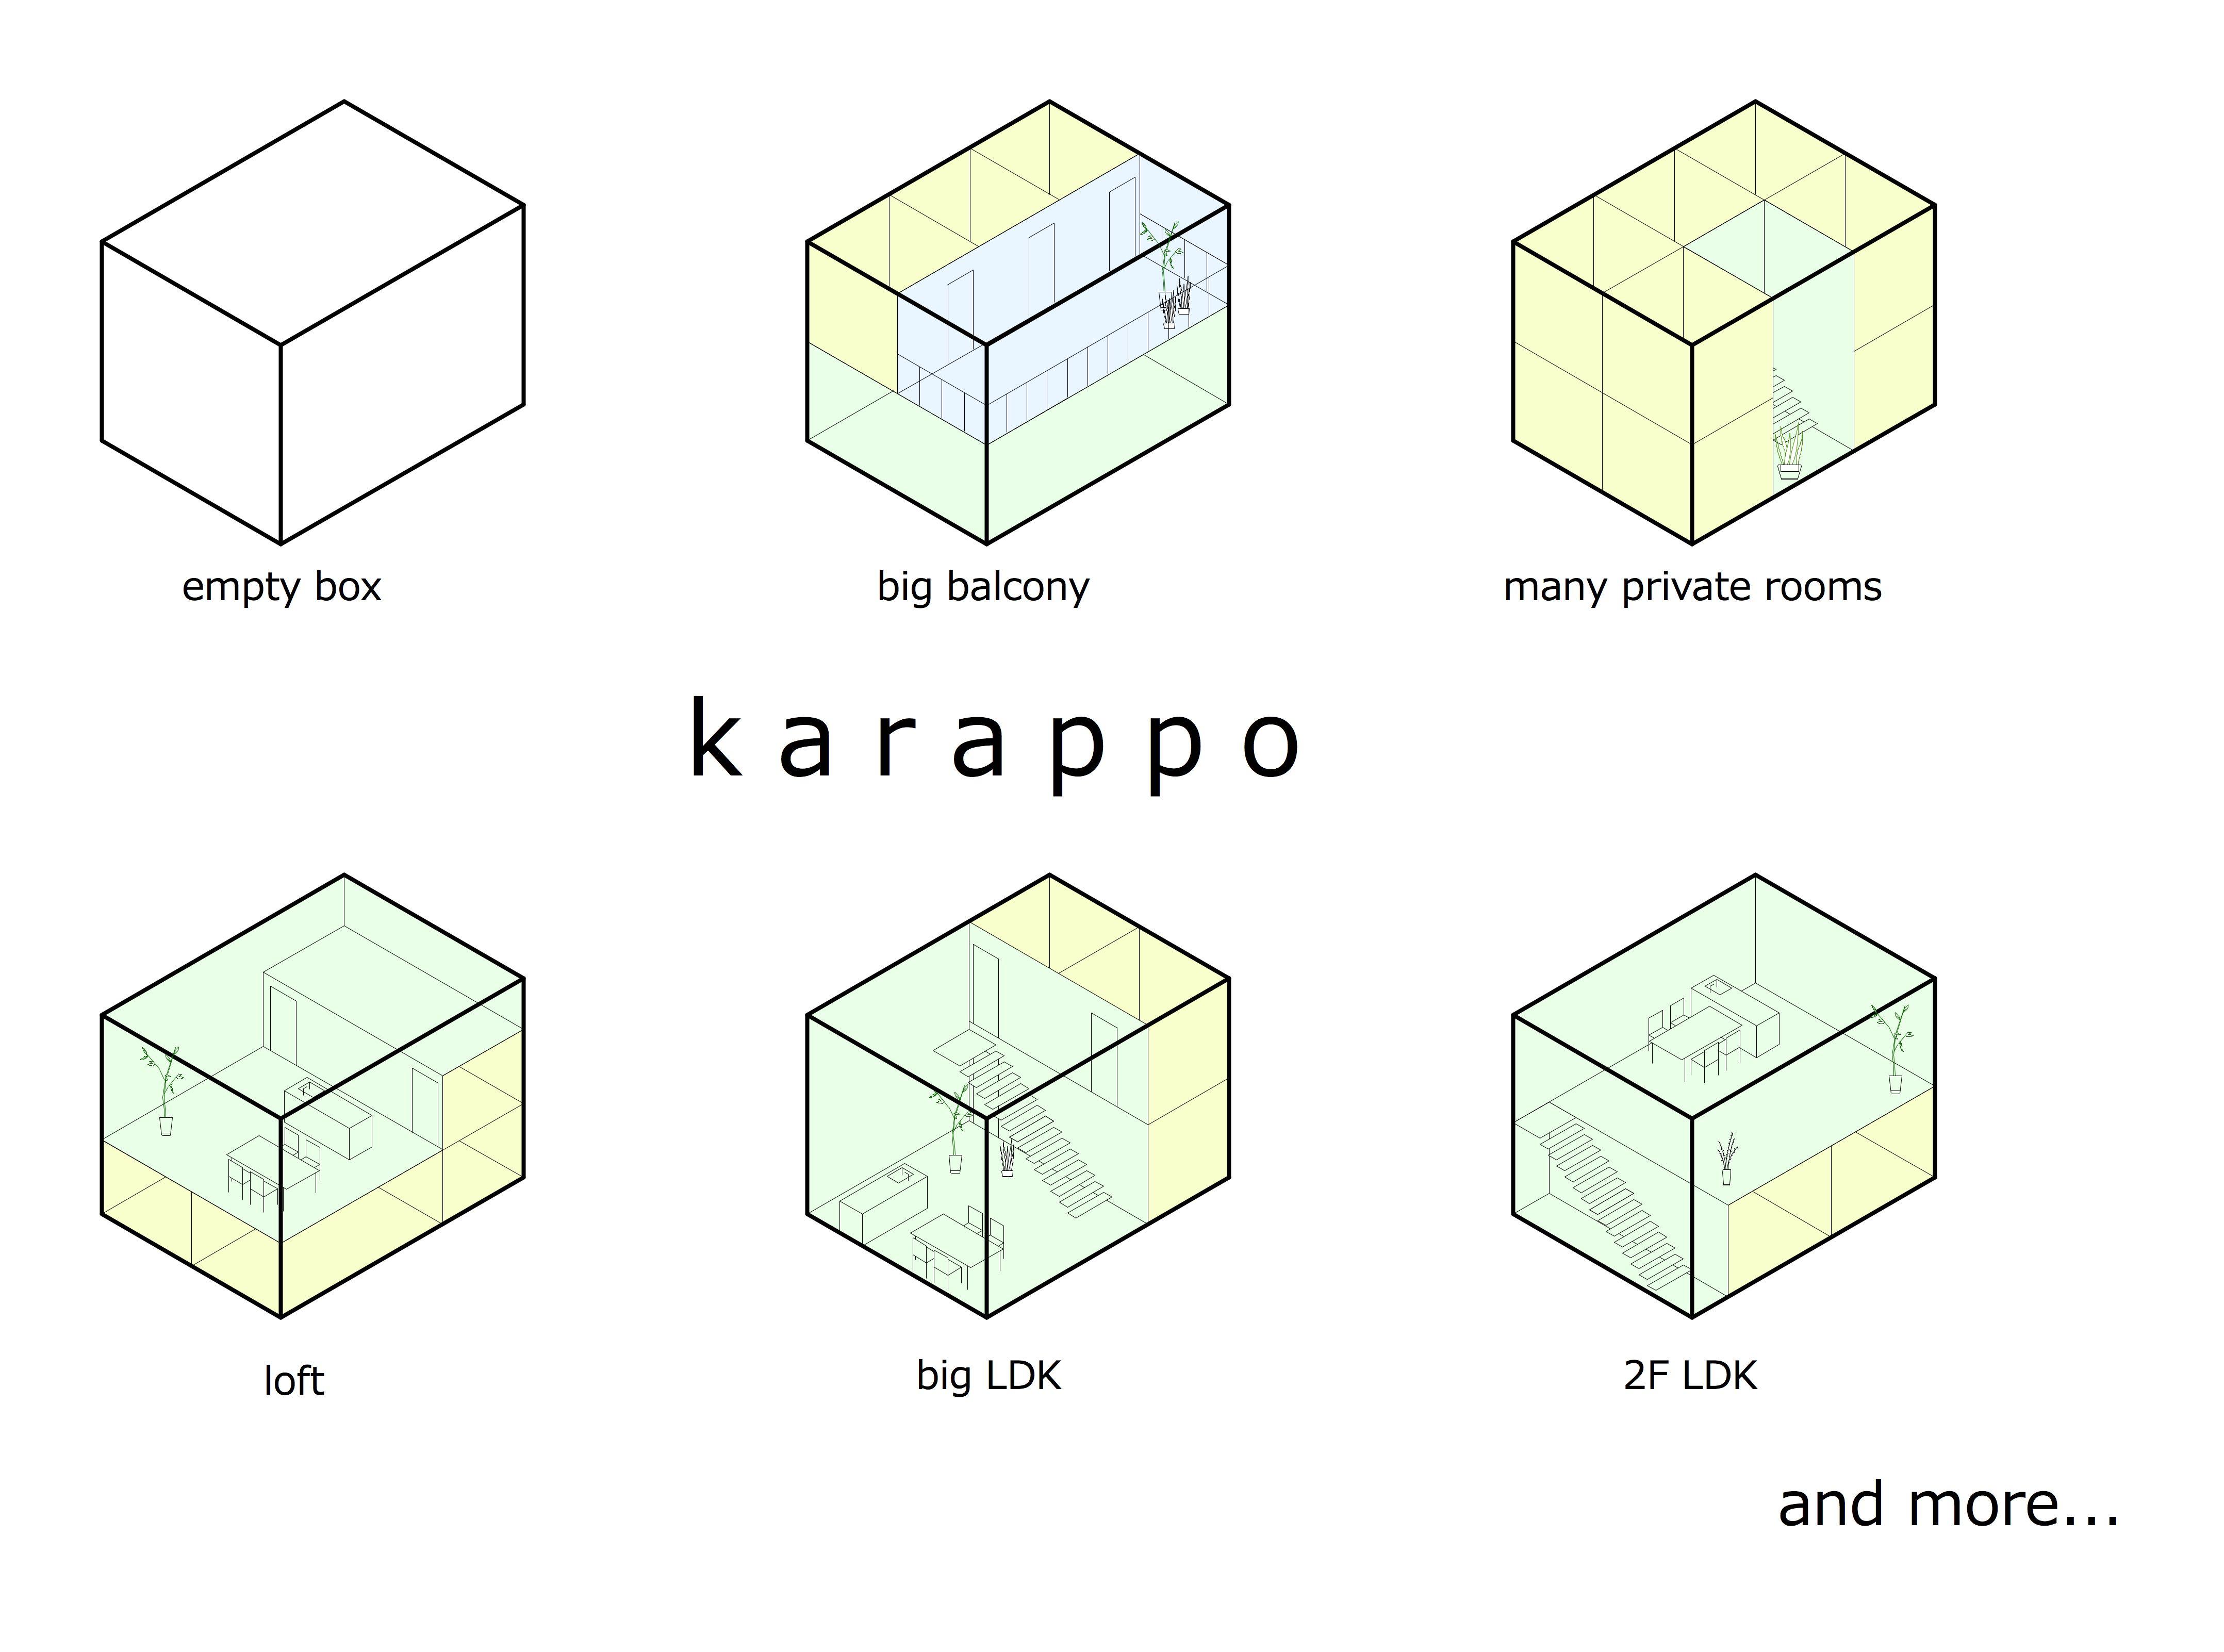 からっぽの家 karappo 注文住宅と建売住宅 Att トートアトリエ